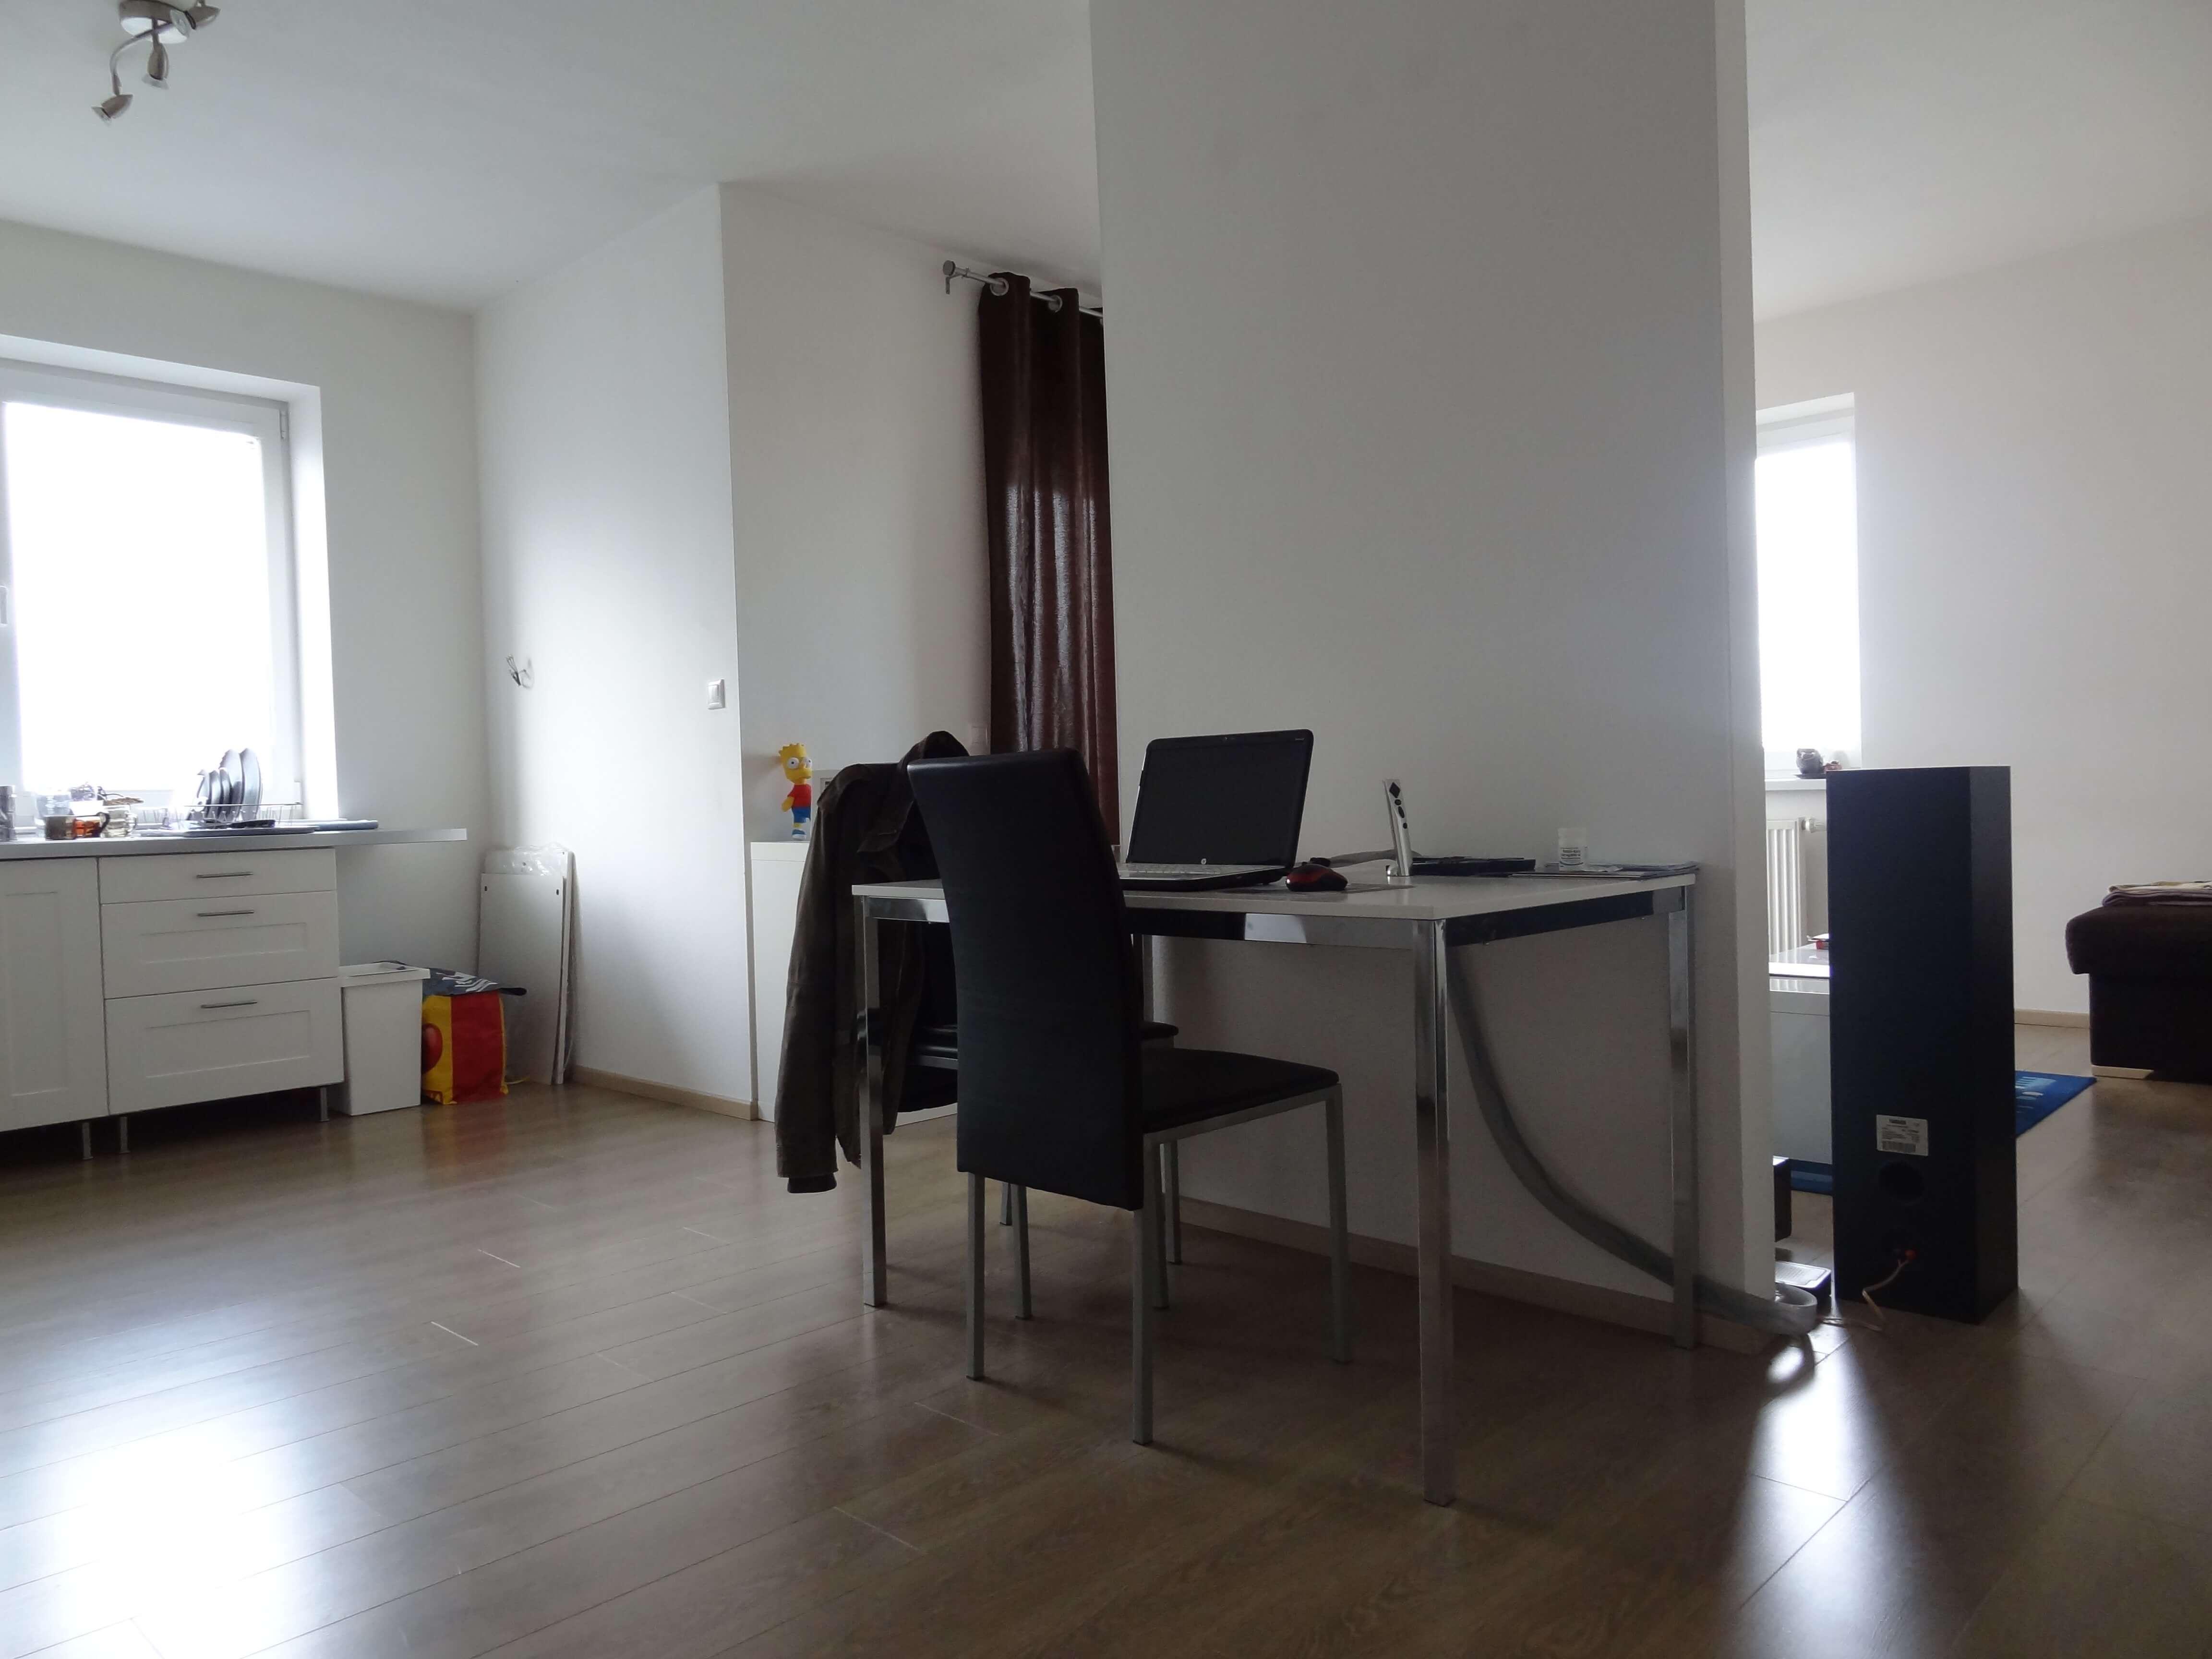 Rezervovaný: Exkluzívne na predaj 3 Izbový byt v novostavbe, 87,2m2, loggia 7,4m2, Družstevná, Hamuliakovo-17